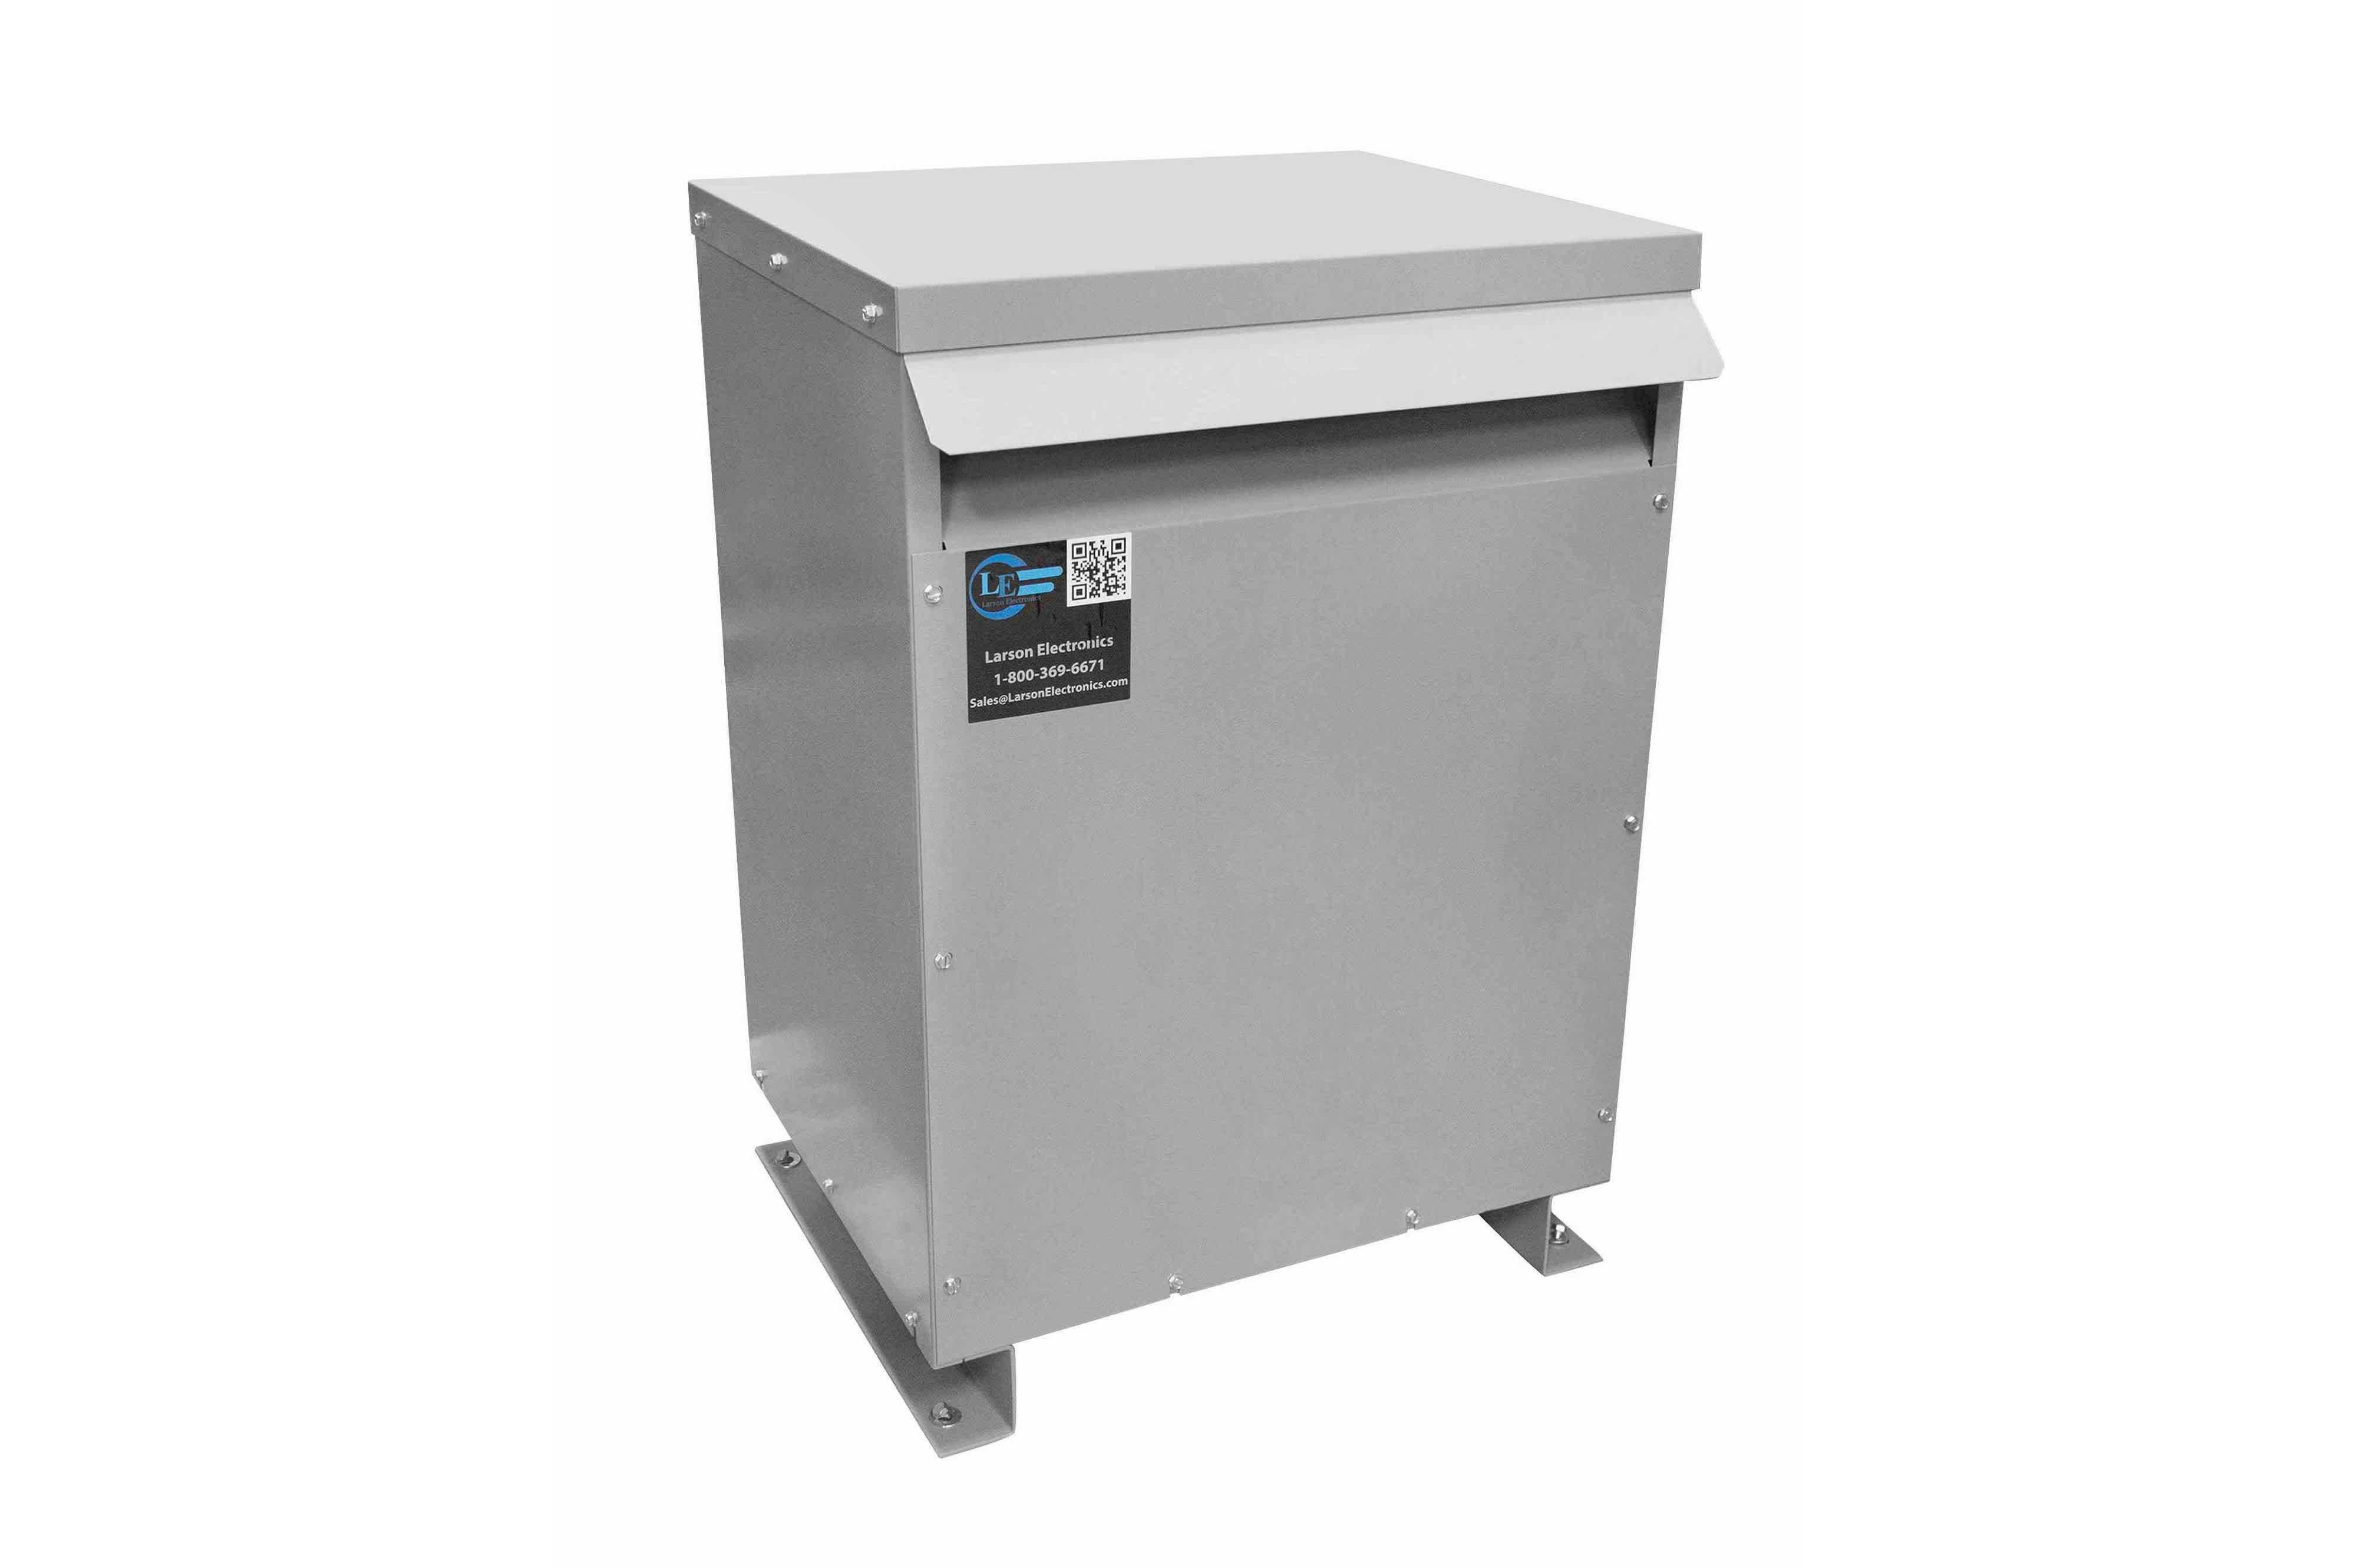 12 kVA 3PH Isolation Transformer, 575V Delta Primary, 208V Delta Secondary, N3R, Ventilated, 60 Hz